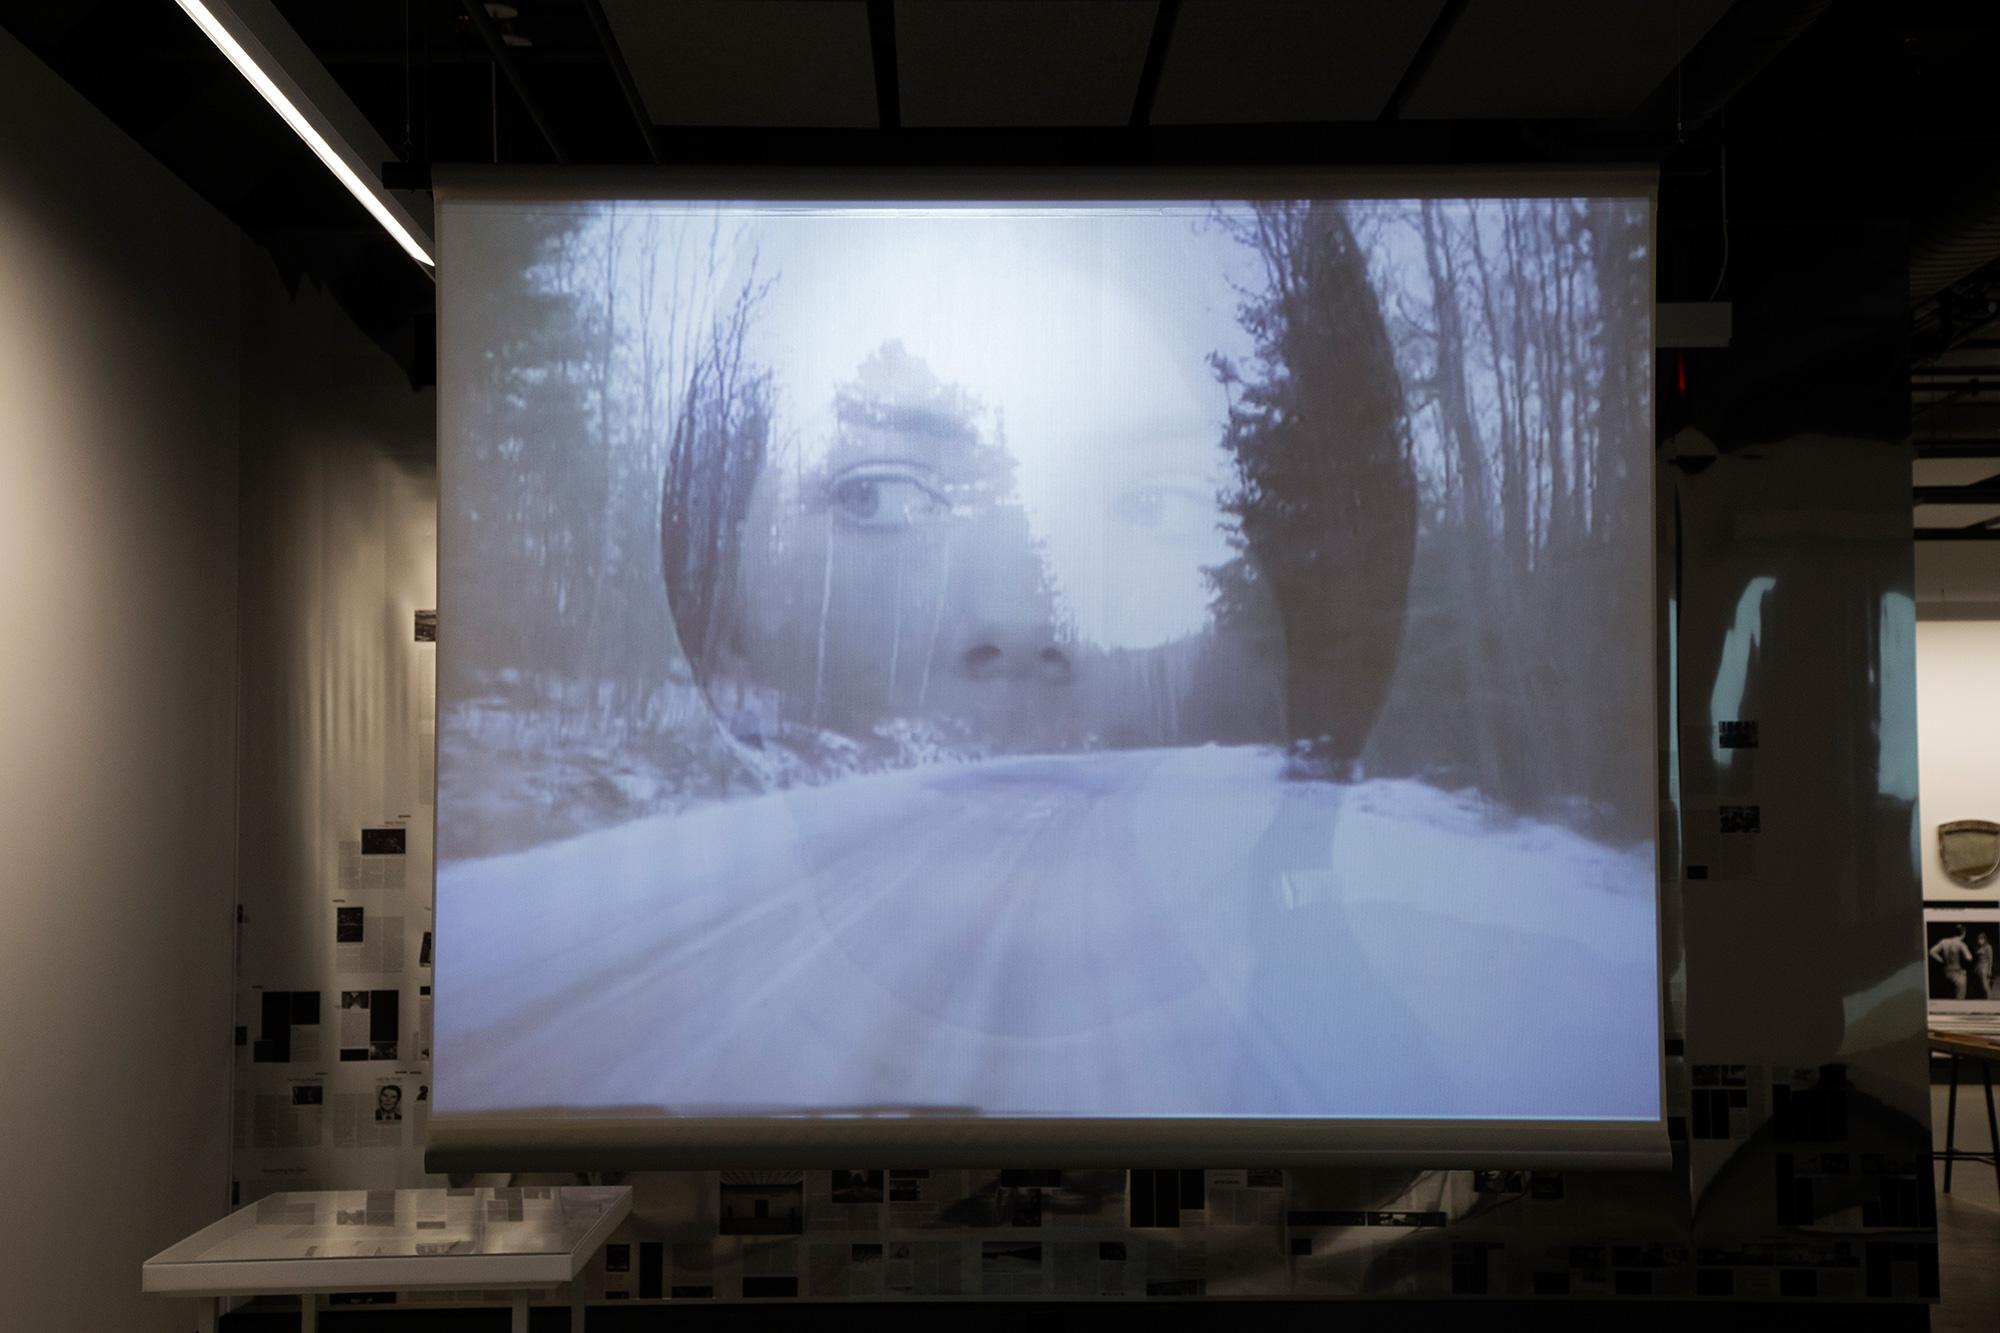 © Bernadette Corporation, Hell Frozen Over (2000). Avec la collaboration de Electronic Arts Intermix. Vue de l'exposition. Photo : Sara A. Tremblay.